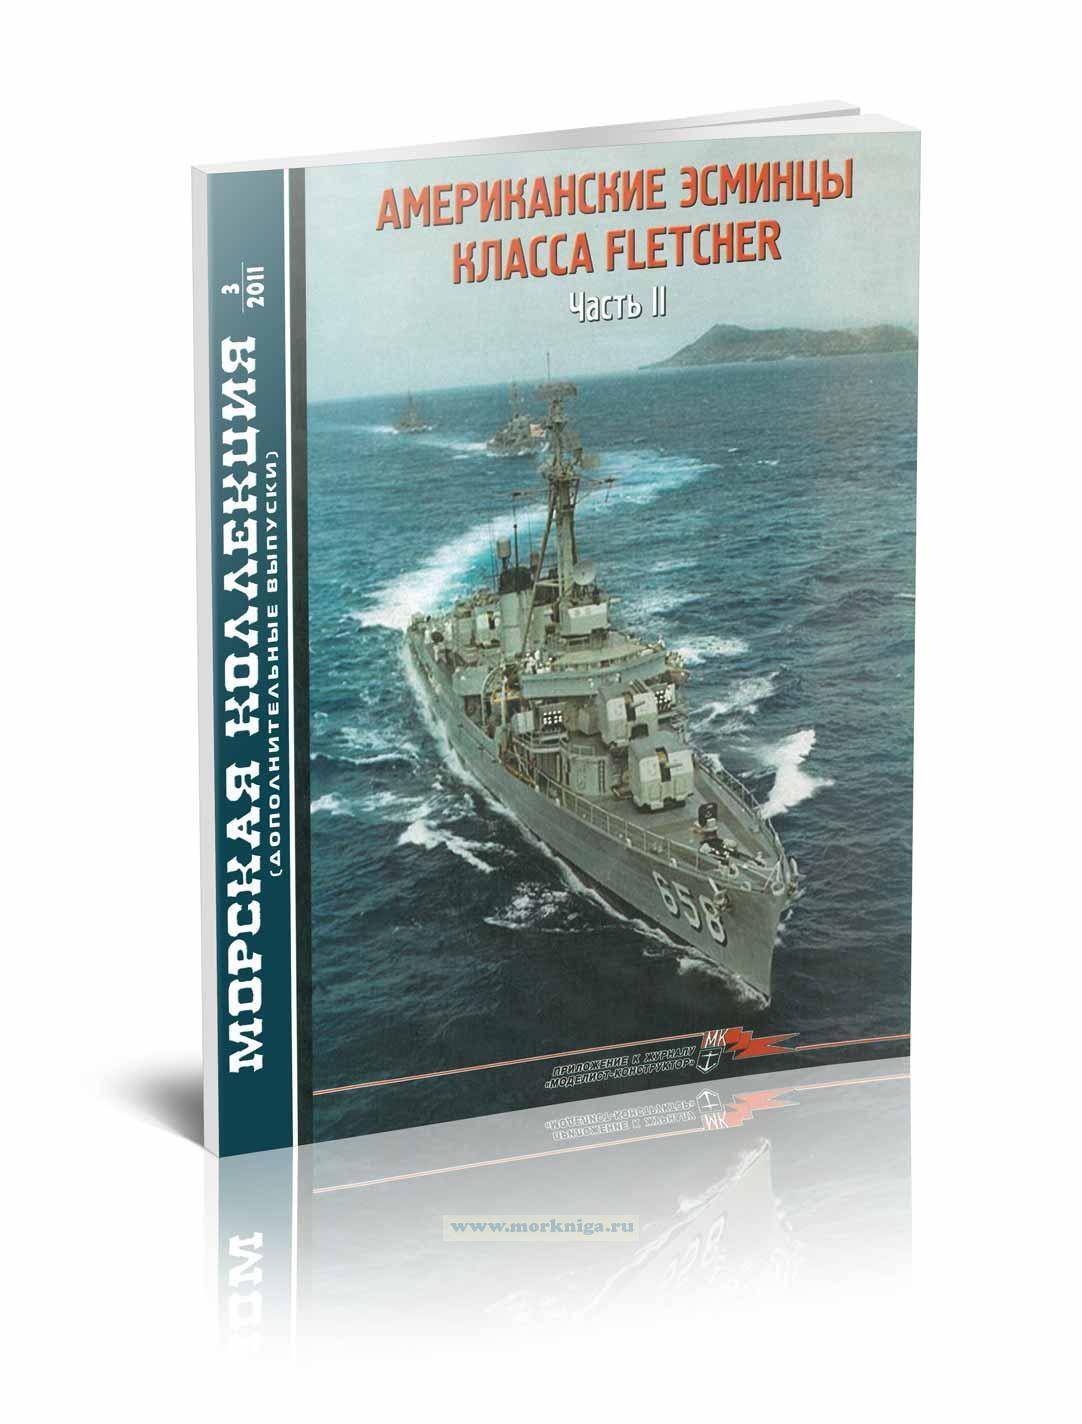 Американские эсминцы класса FLETCHER. Часть 2. Морская коллекция №3 (2011). Дополнительные выпуски